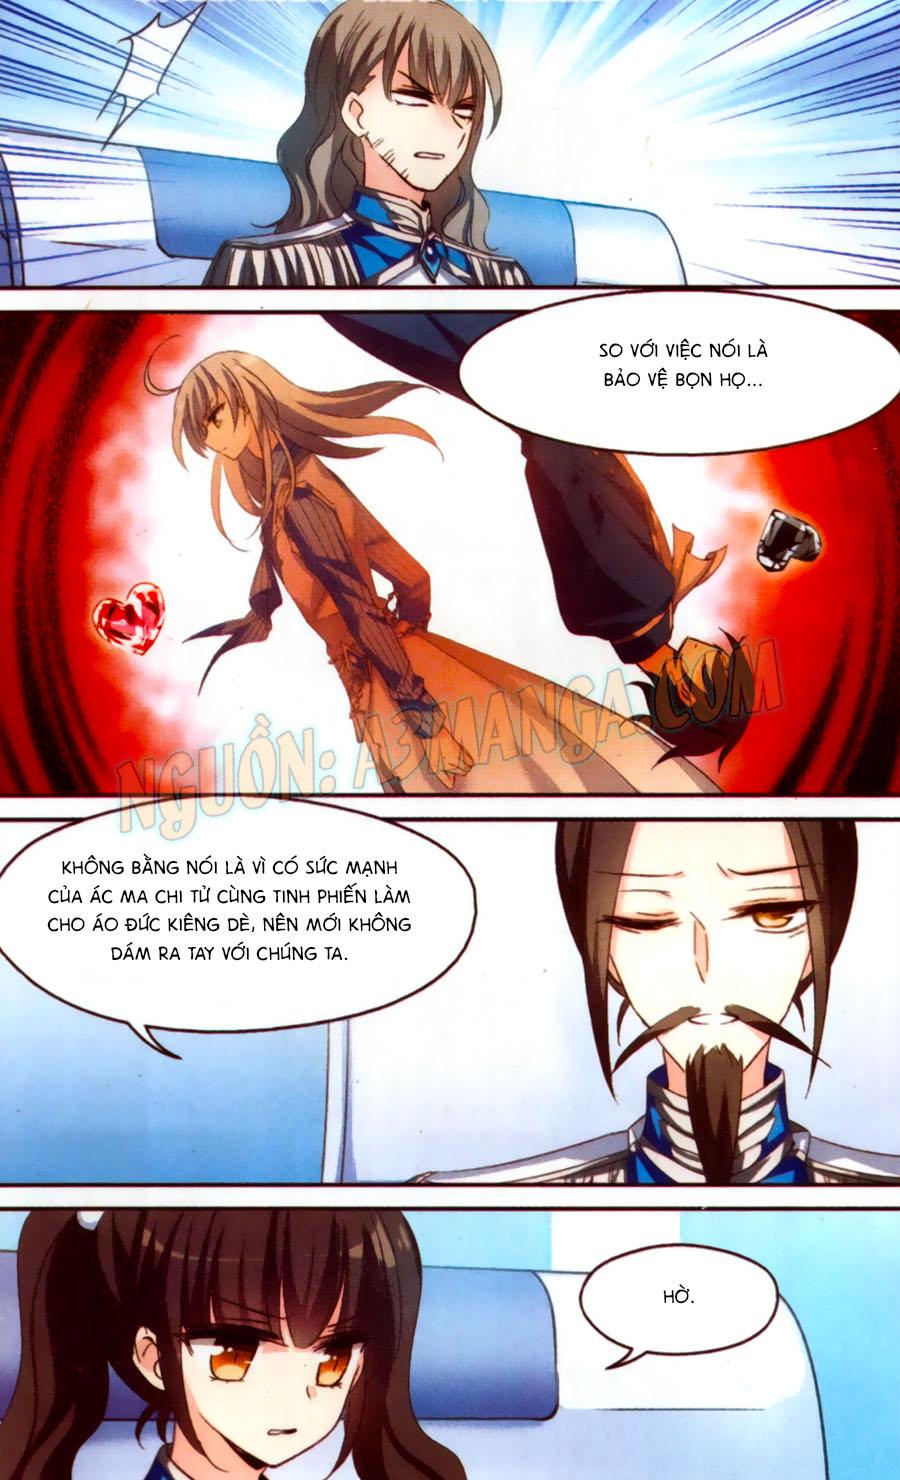 Xuyên Duyệt Tây Nguyên 3000 chap 182 - Trang 9